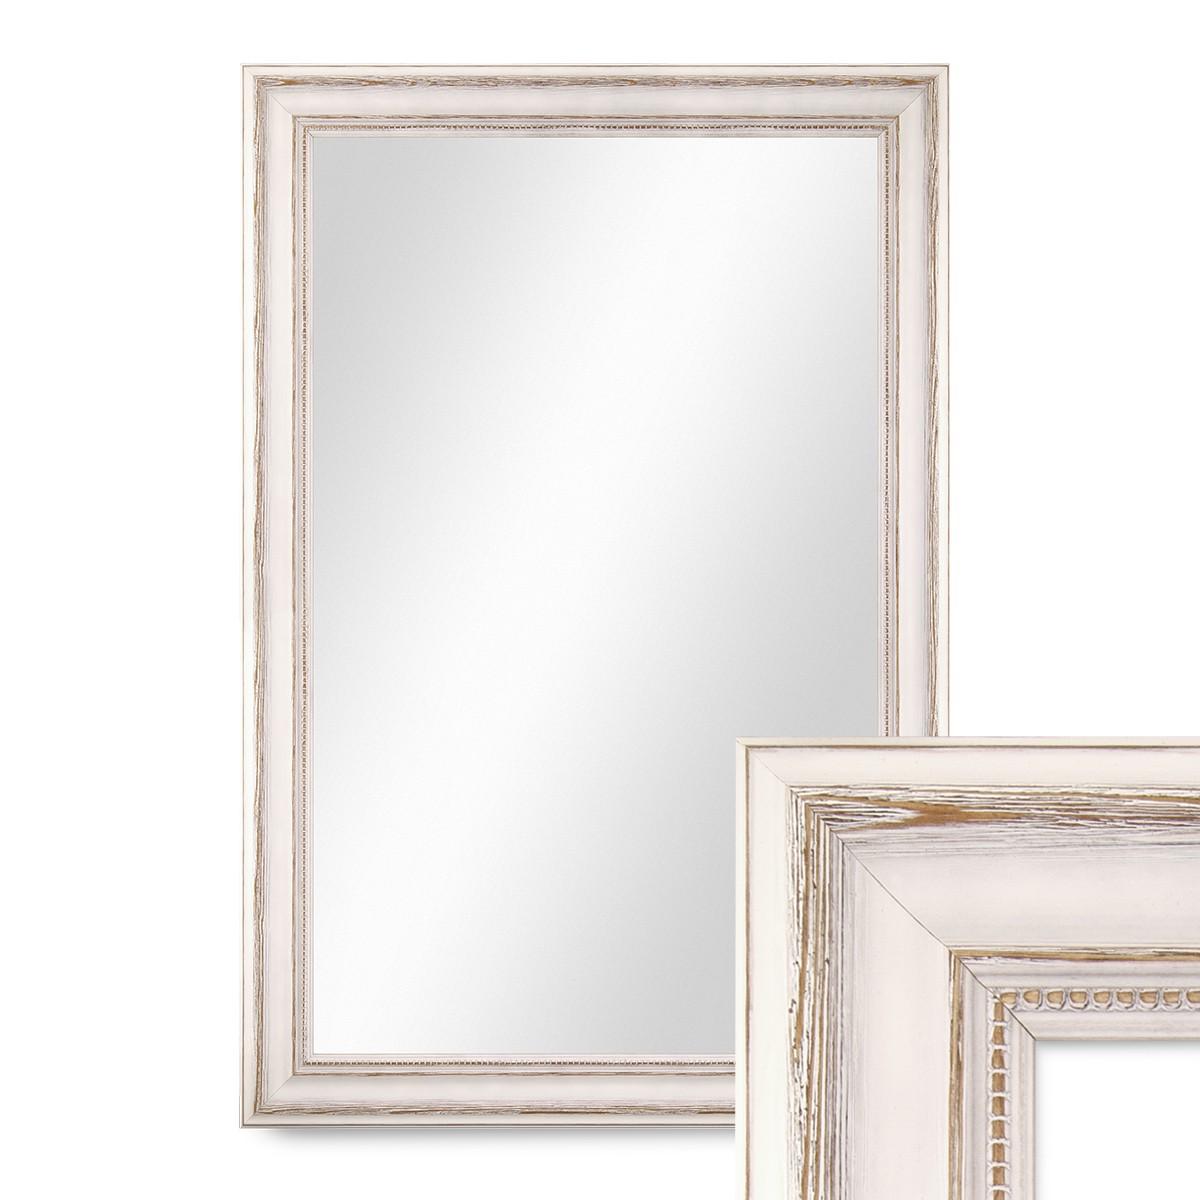 Großartig Wand-Spiegel 50x60 cm im Massivholz-Rahmen Landhaus-Stil Weiss  LS68